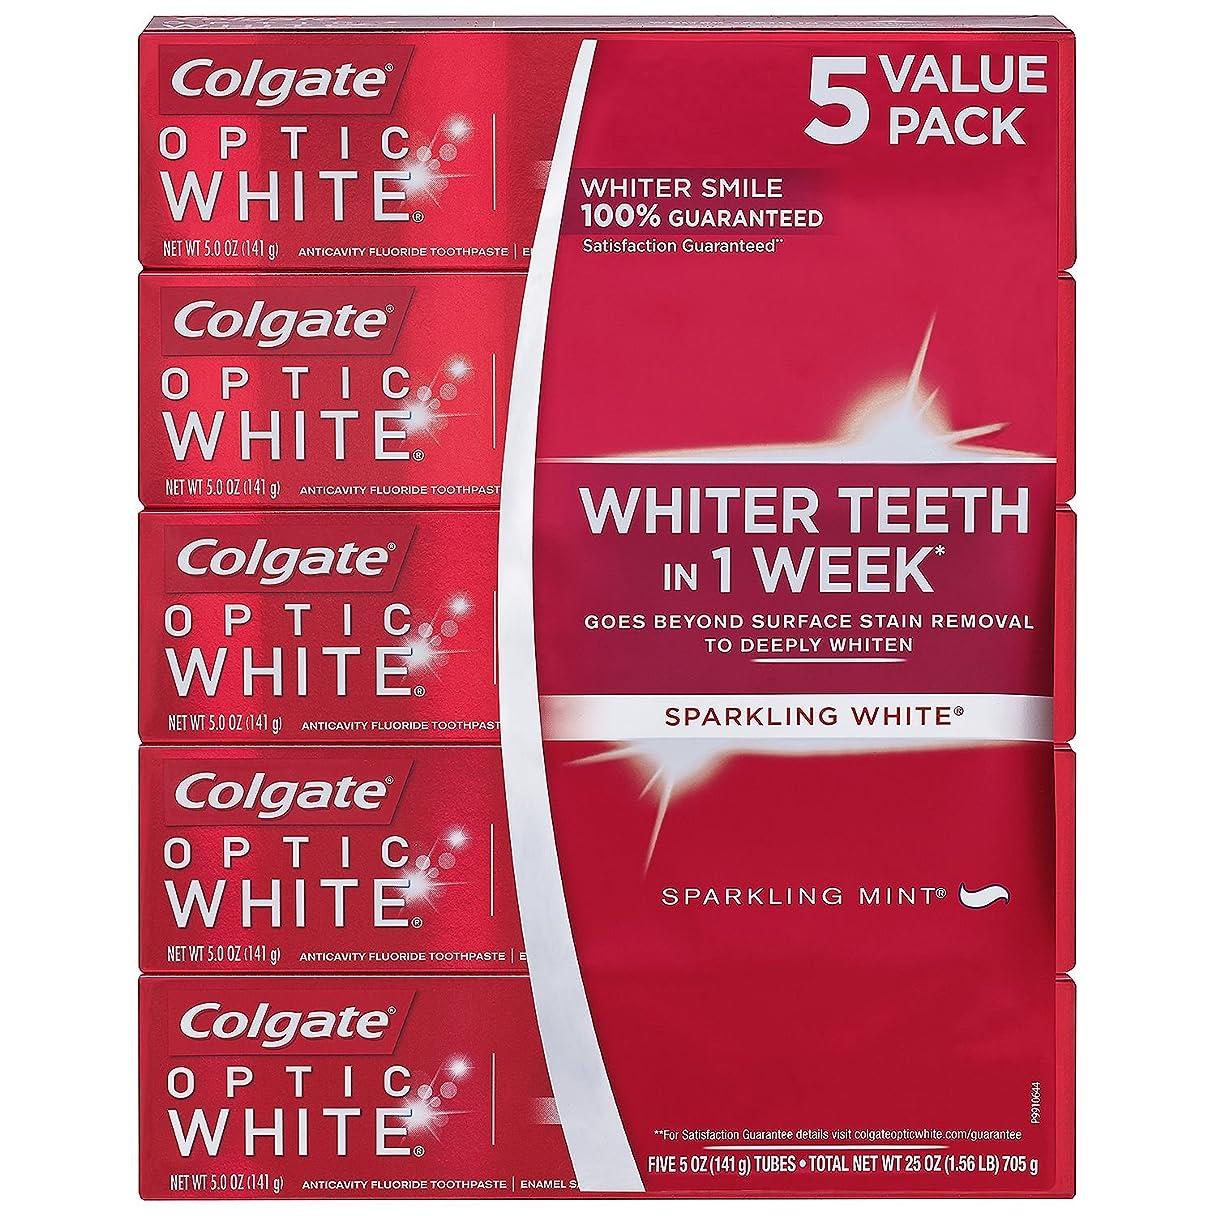 裁判所黙難しい海外直送品 Colgate Optic White コルゲート オプティック ホワイト スパークリングミント141g ×5本 [Pack of 5]